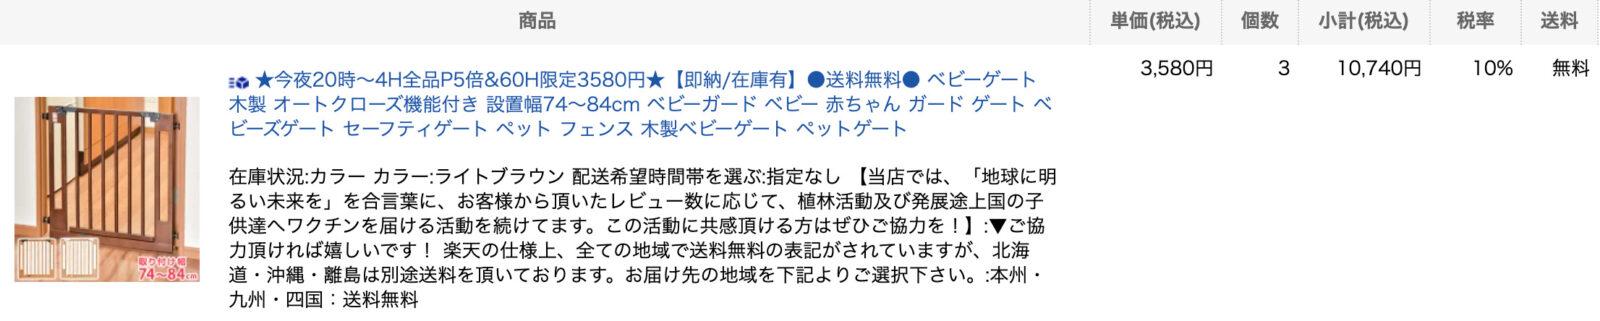 【楽天市場】購入履歴詳細